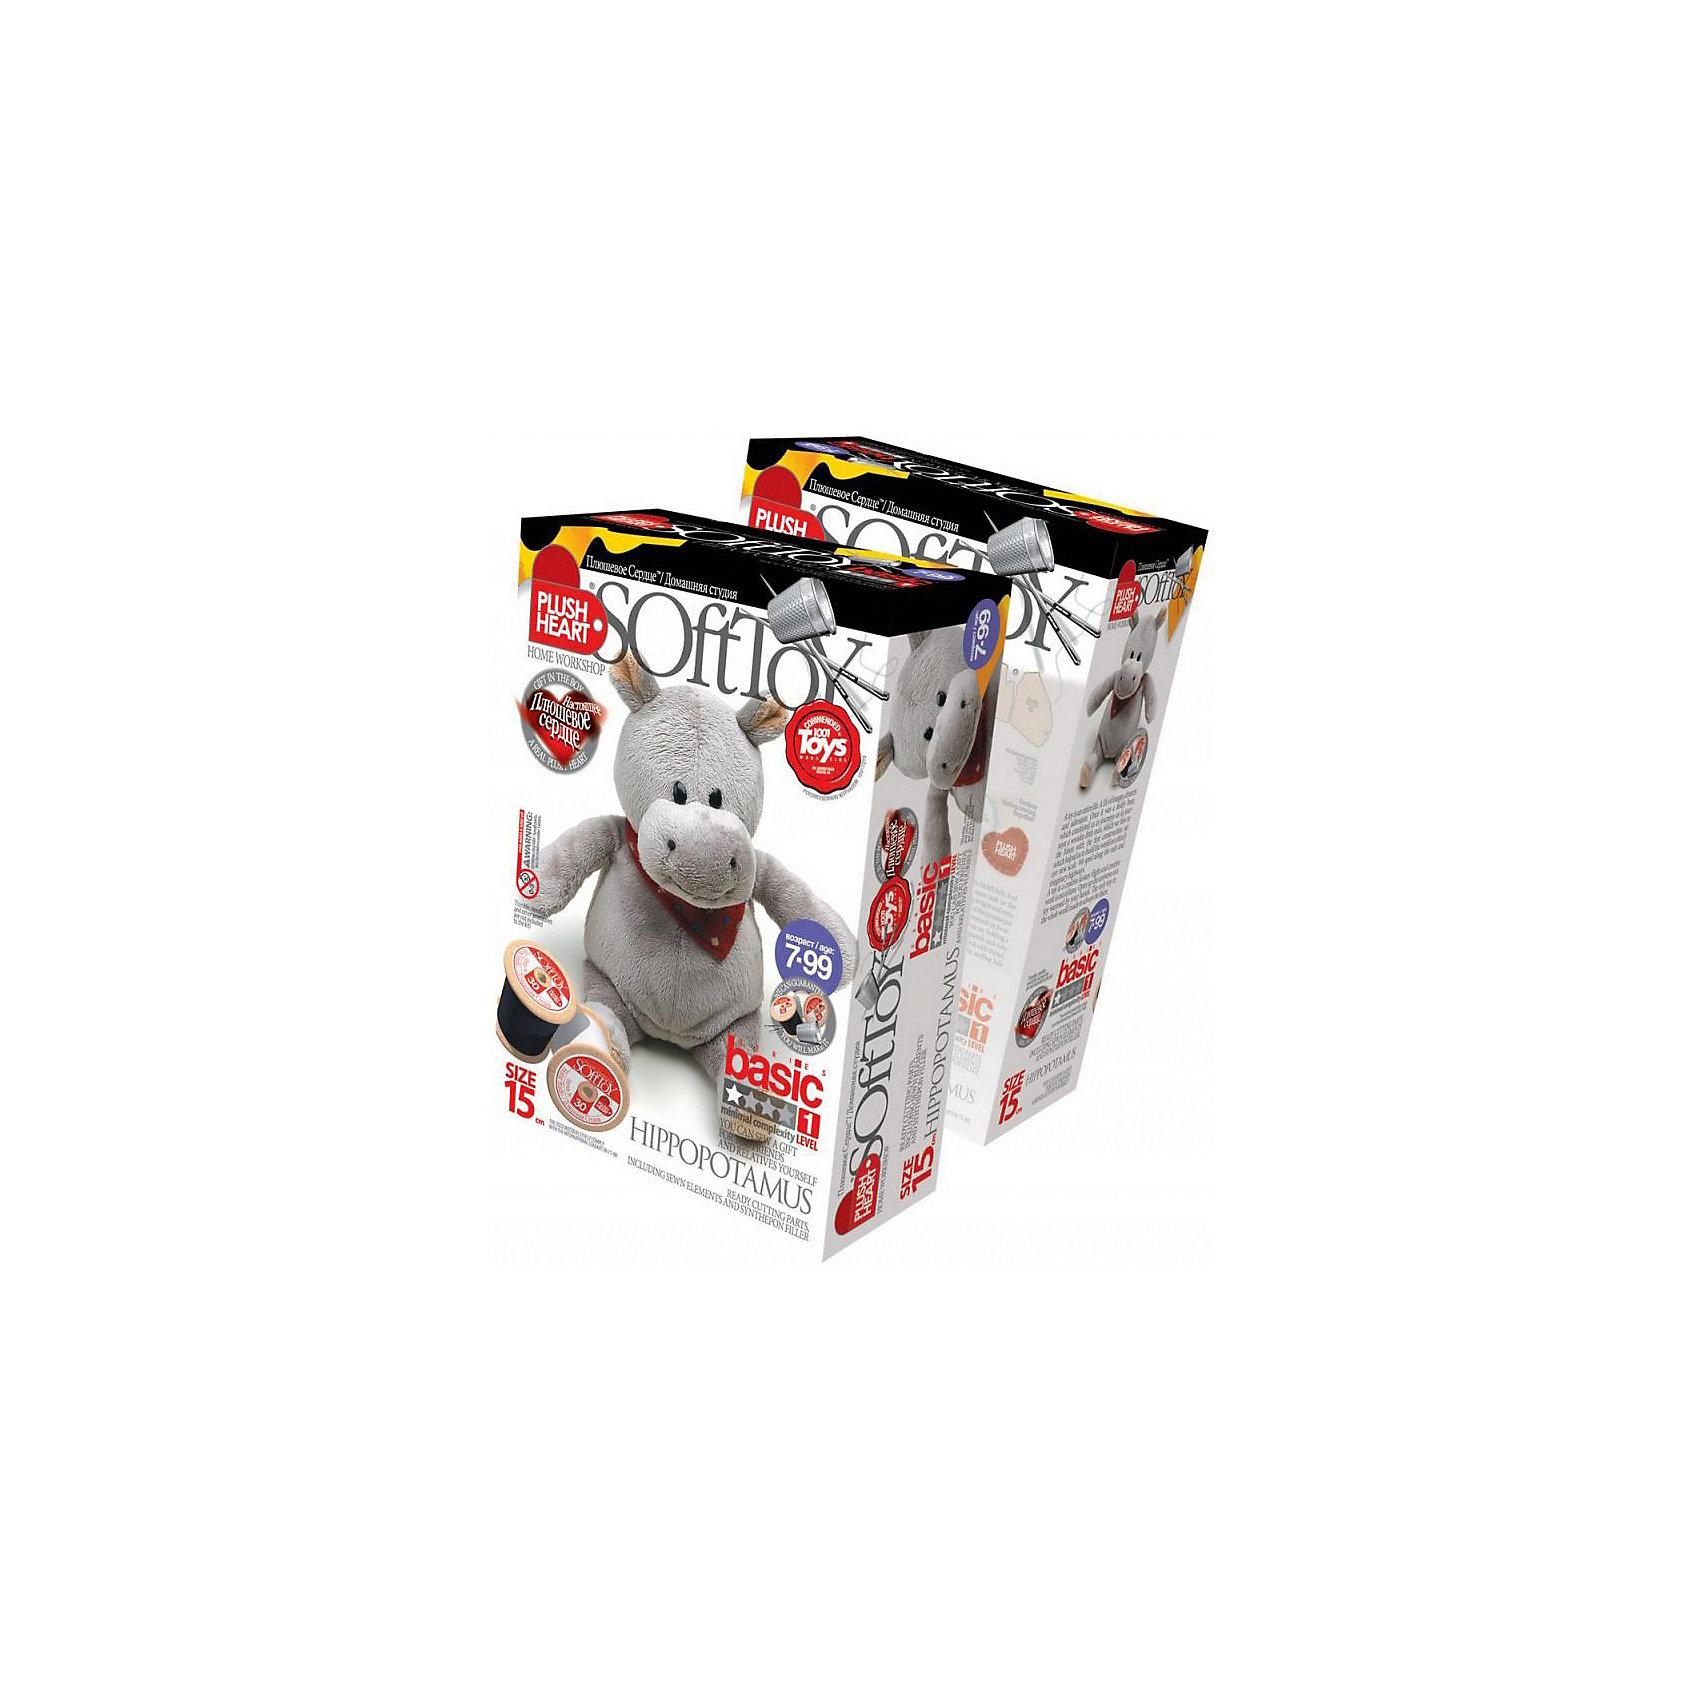 Фантазер Бегемот, Plush heart в каком магазине в городе чебоксары можно купить игрушки для хомяка